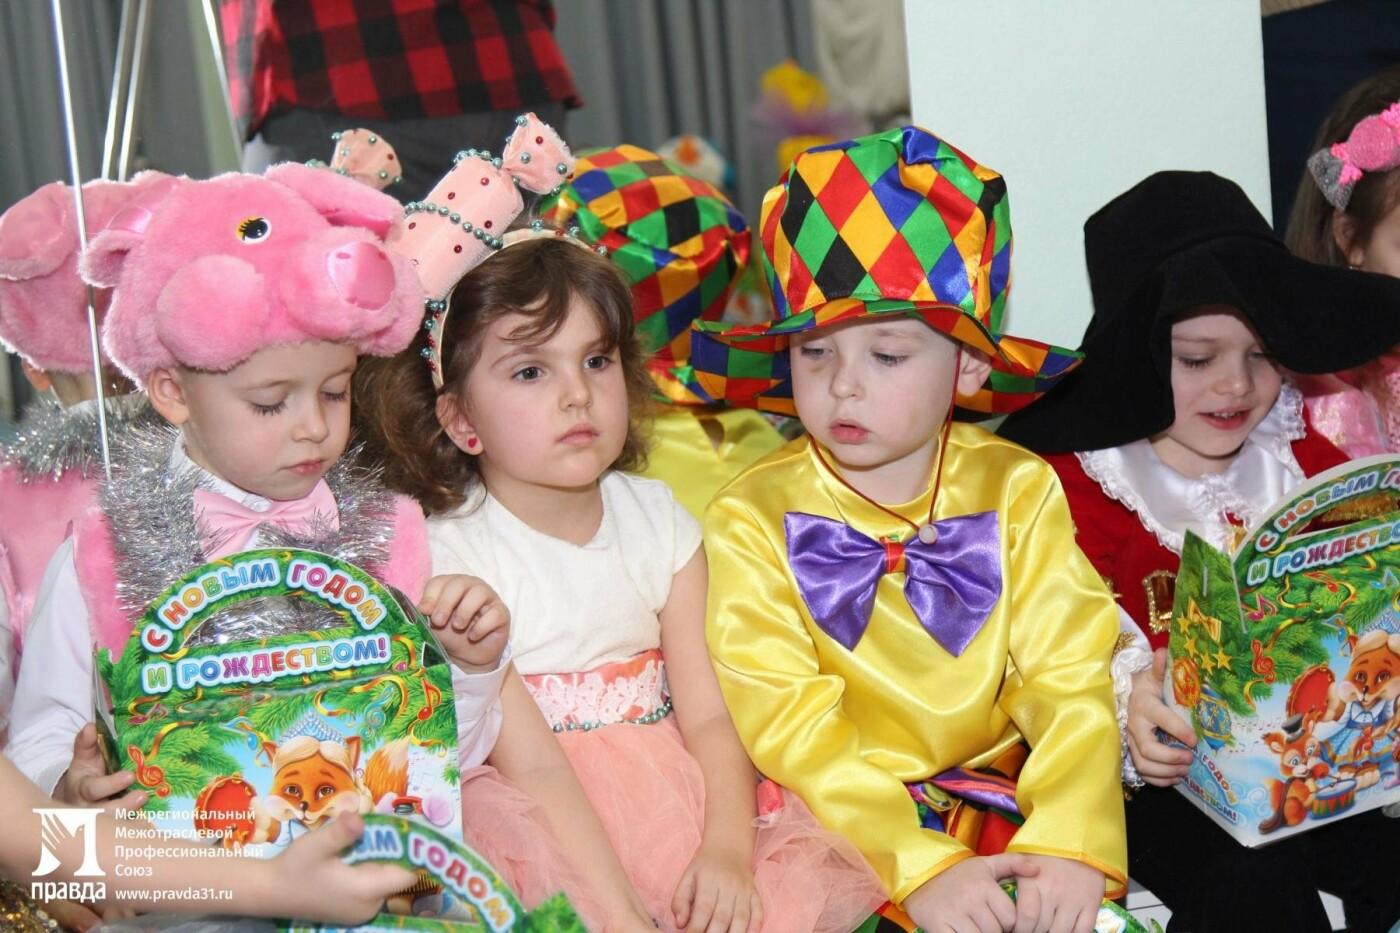 Праздник к нам приходит: воспитанников православного детского сада «Рождественский» поздравили с Новым годом, фото-15